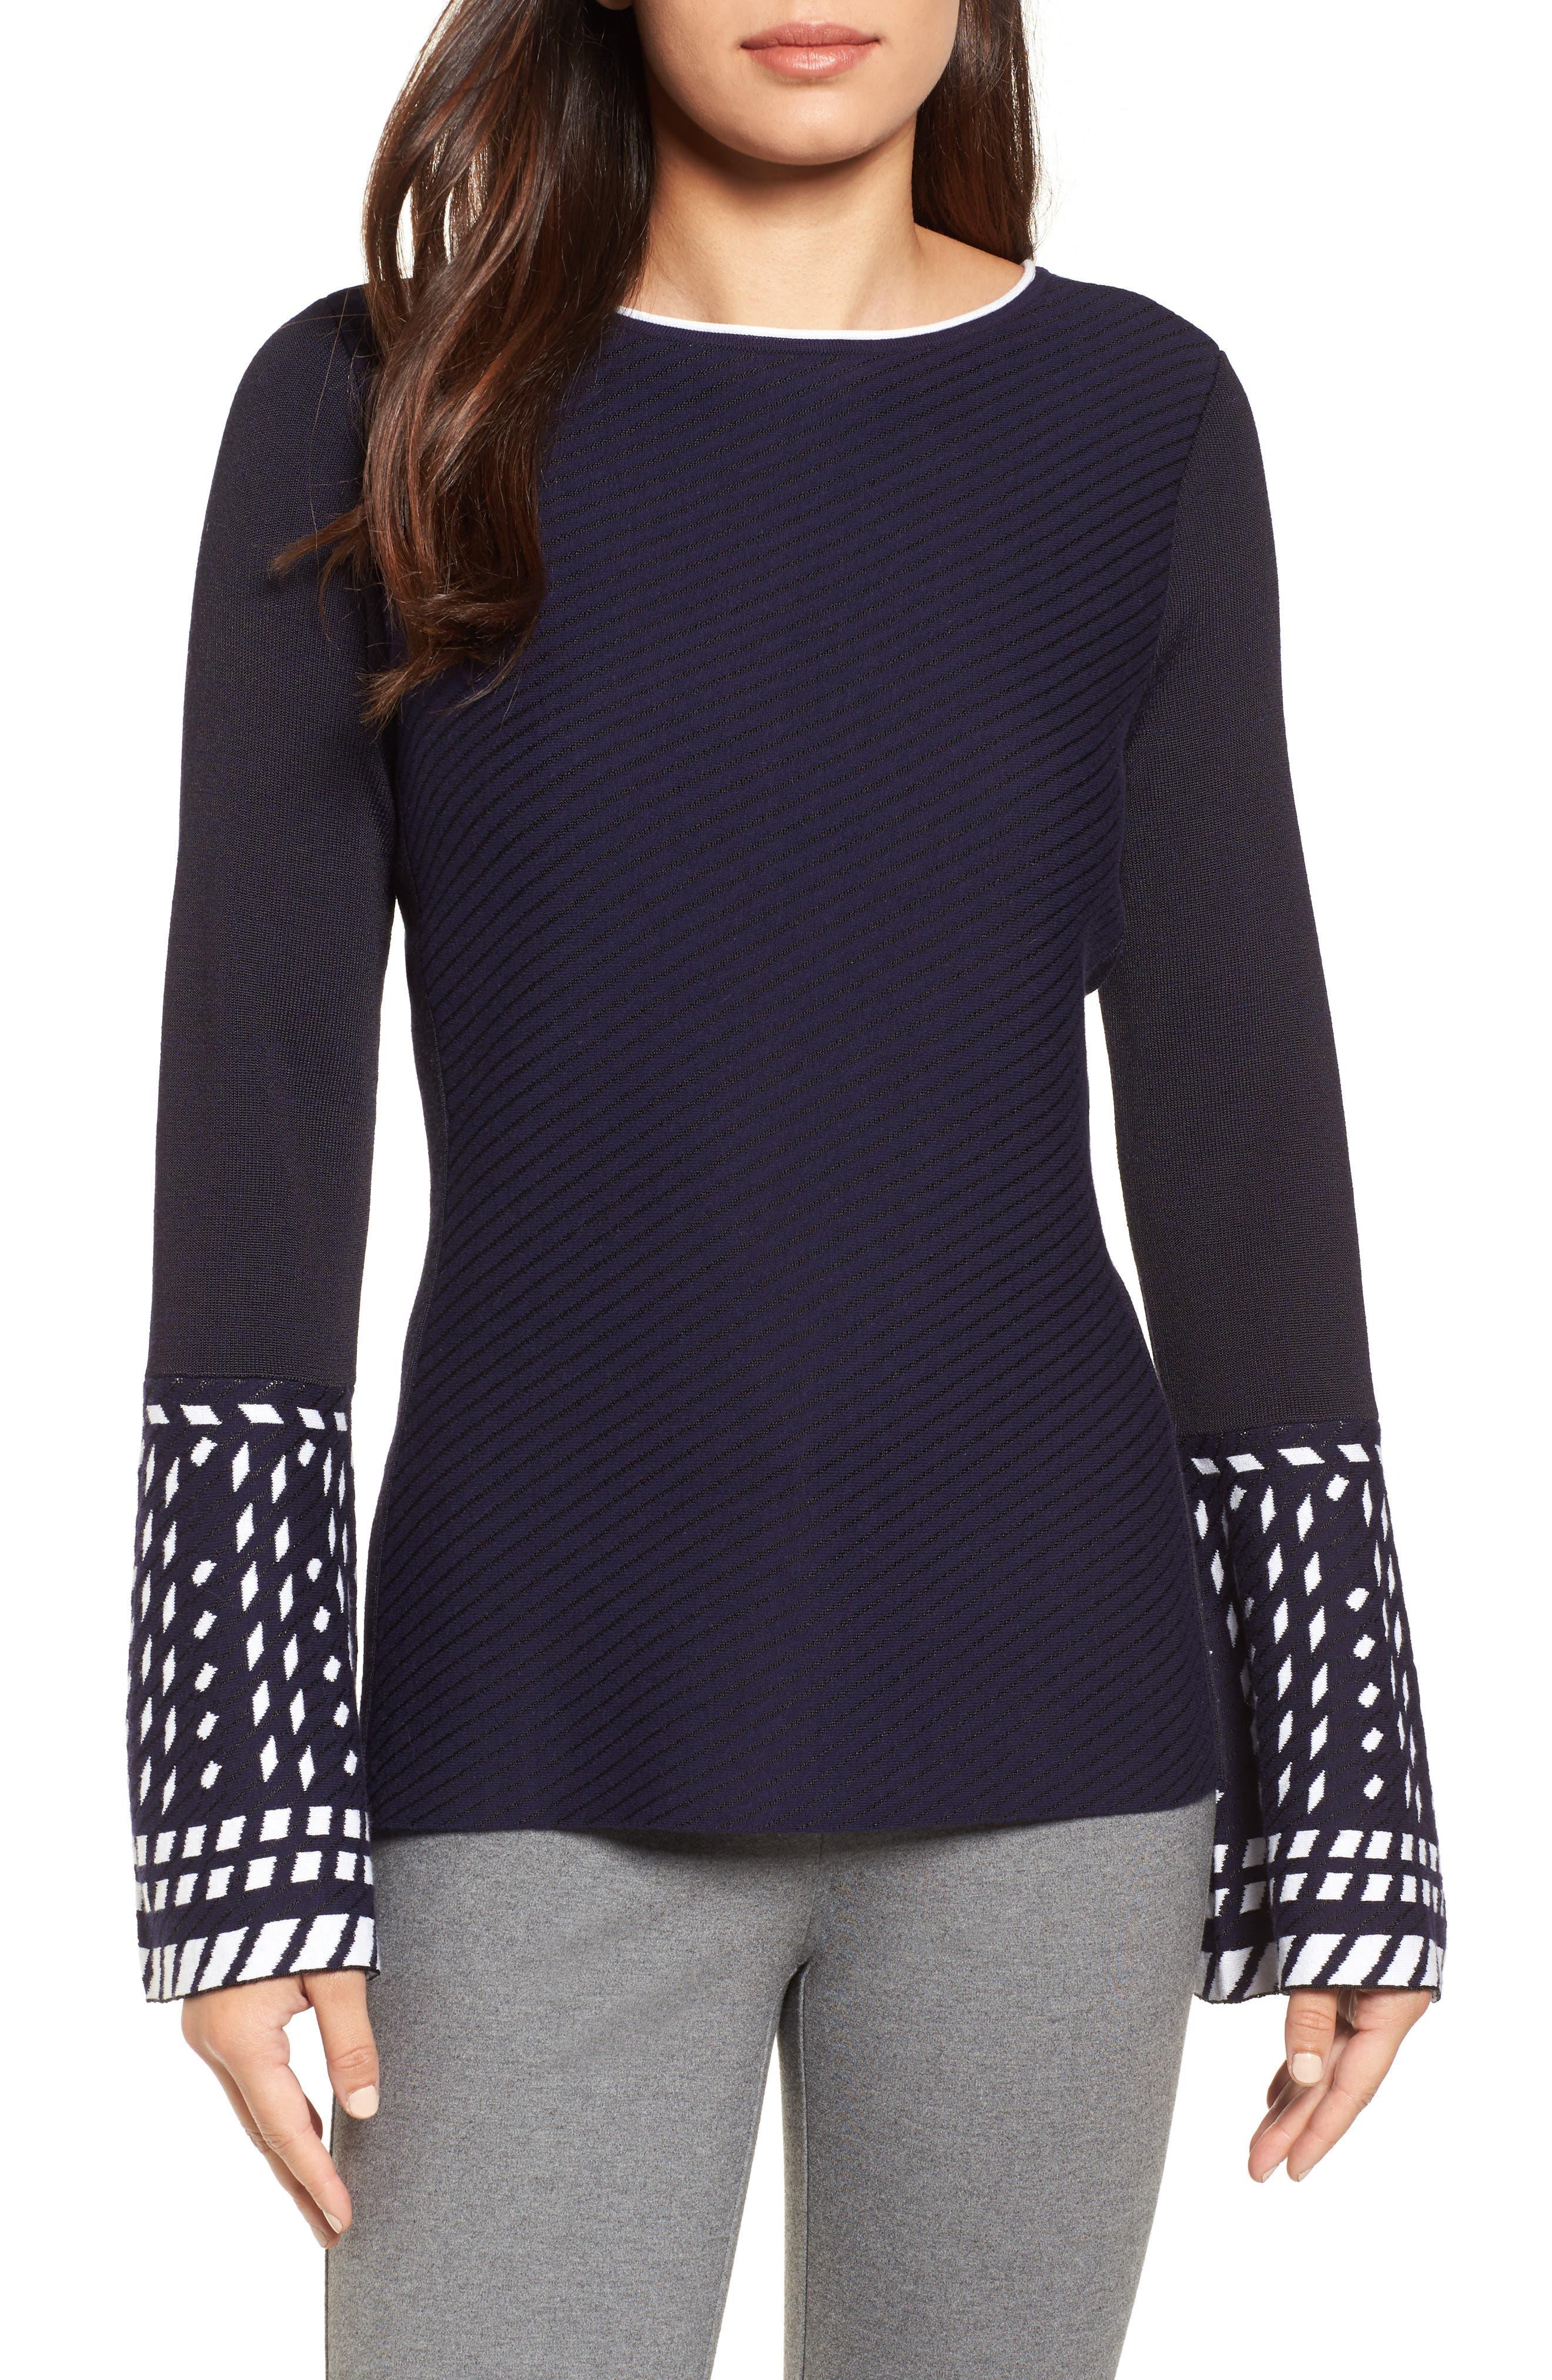 Alternate Image 1 Selected - NIC+ZOE Falling Star Sweater (Regular & Petite)